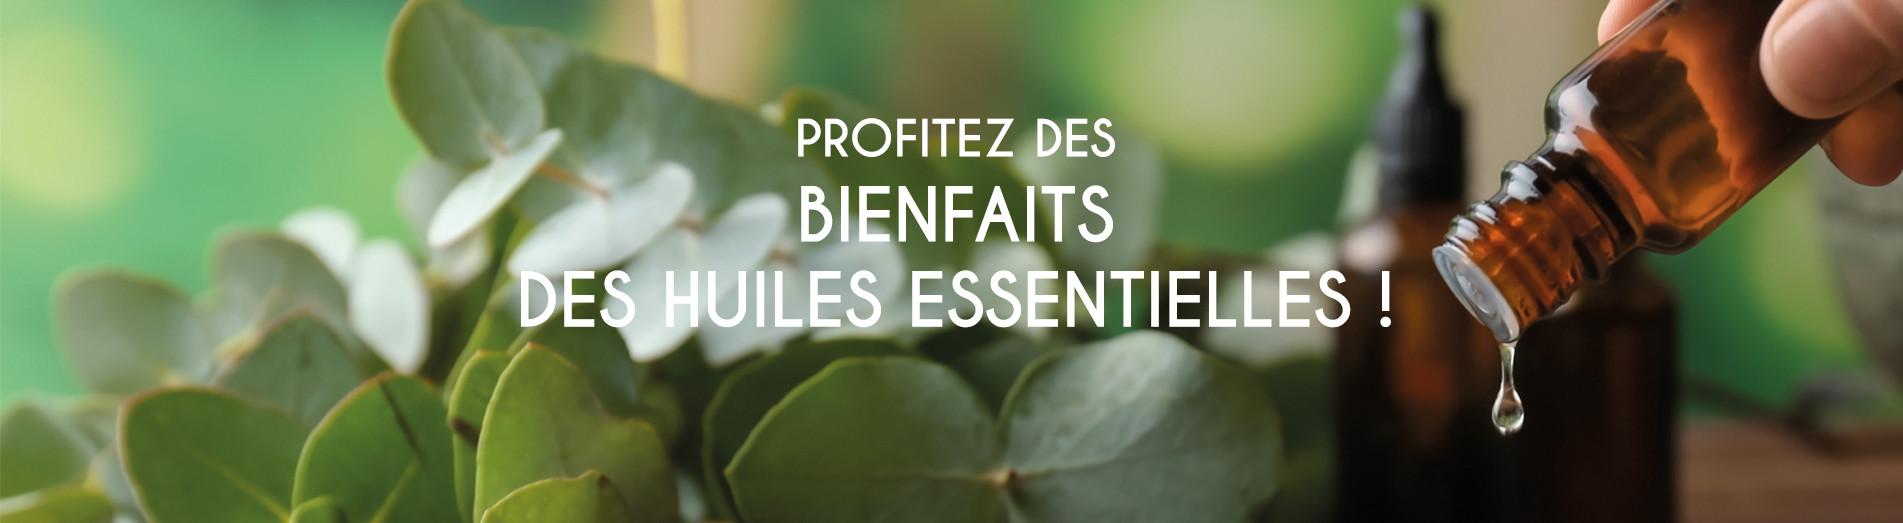 Profitez des bienfaits des huiles essentielles !